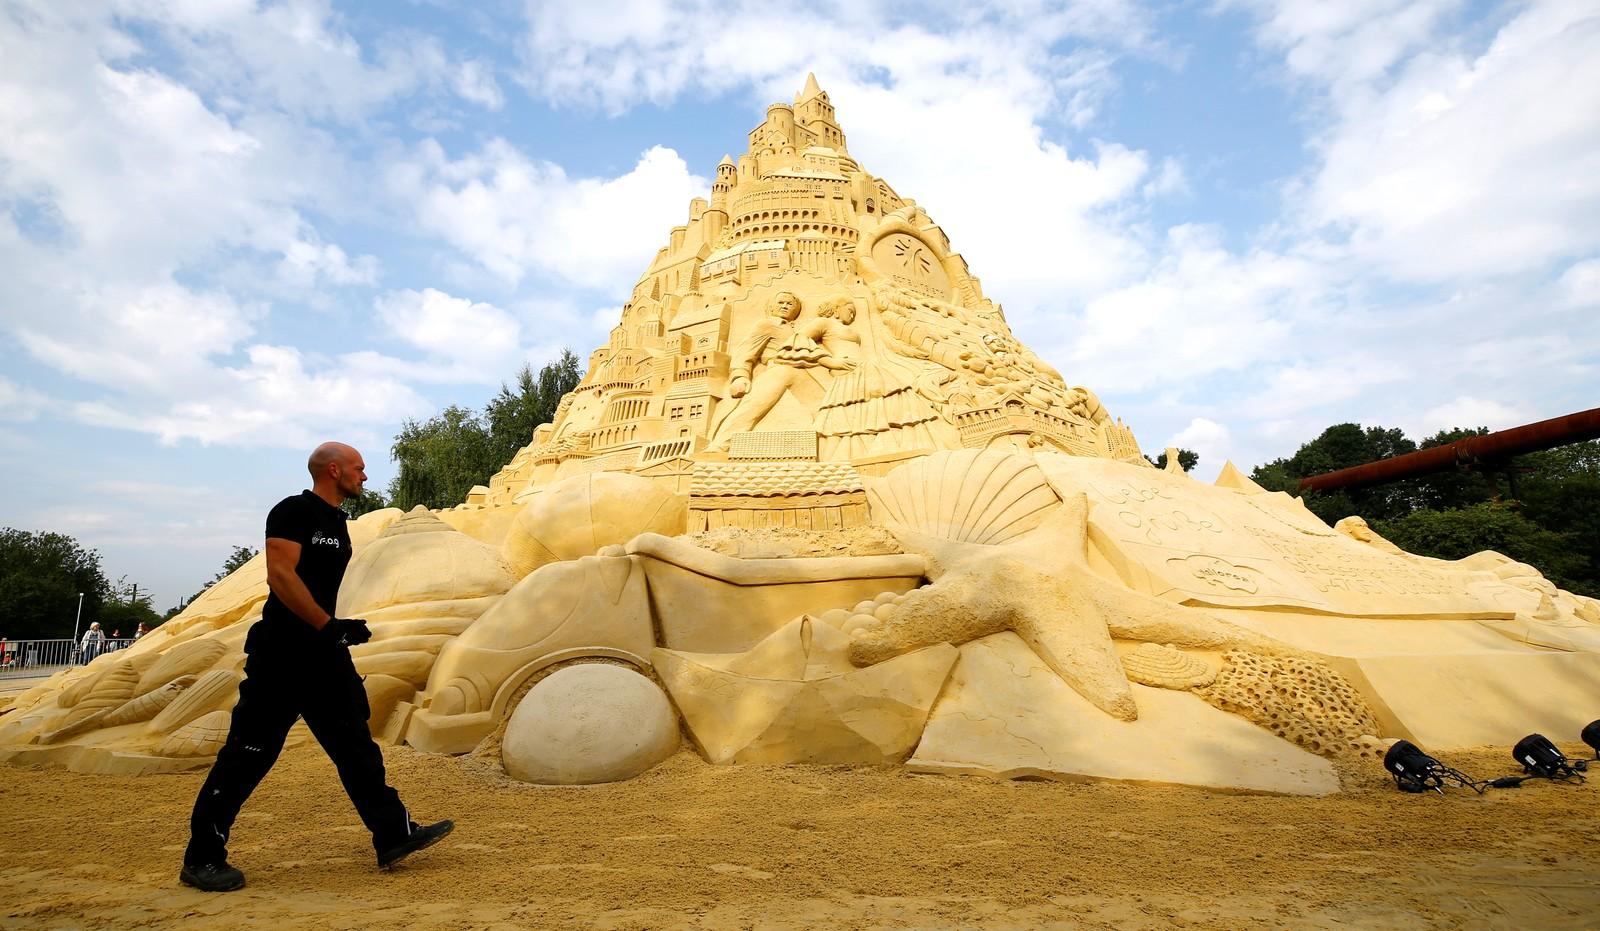 Dette sandslottet på 16,68 meter i Duisburg i Tyskland mener Guinness rekordbok er verdens største noensinne.